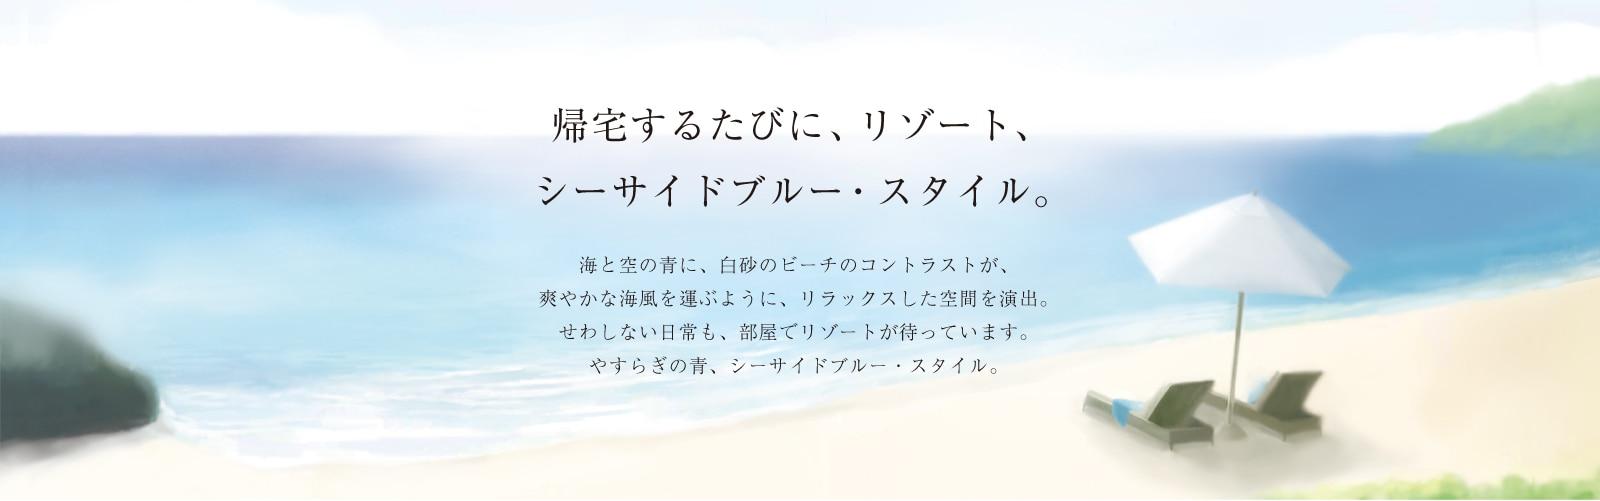 帰宅するたびに、リゾート、シーサイドブルー・スタイル。爽やかな海風を運ぶように、リラックスした場を演出するブルー。海と空の青に、白砂のビーチが映えるようなリゾート空間を、暮らしに取り入れましょう。